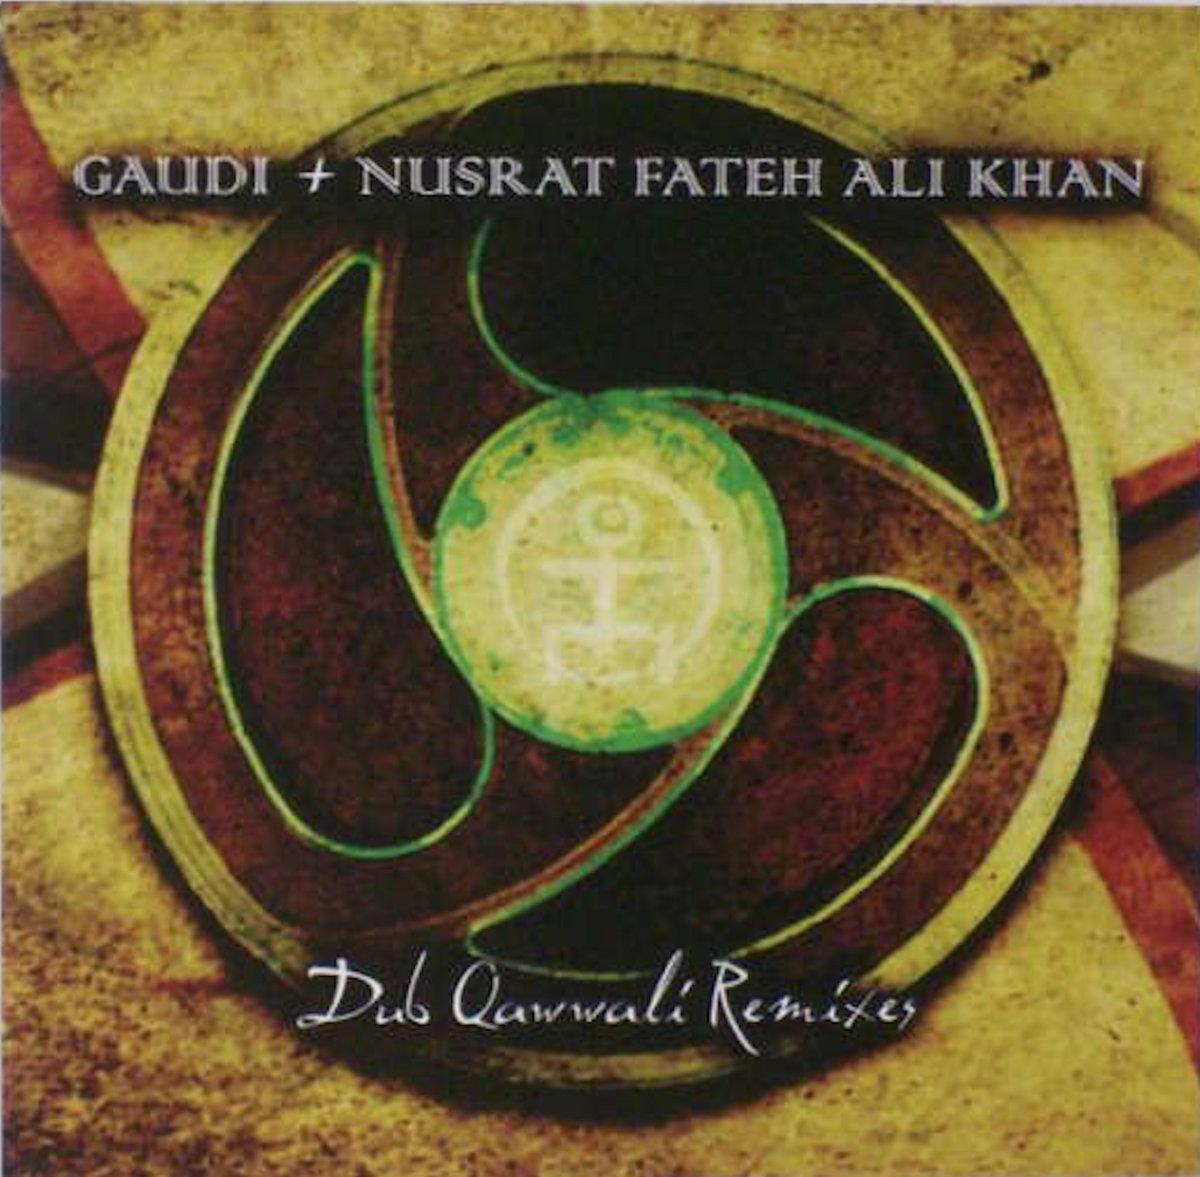 GAUDI + NUSRAT FATEH ALI KHAN : Dub Qawwali (The Remixes